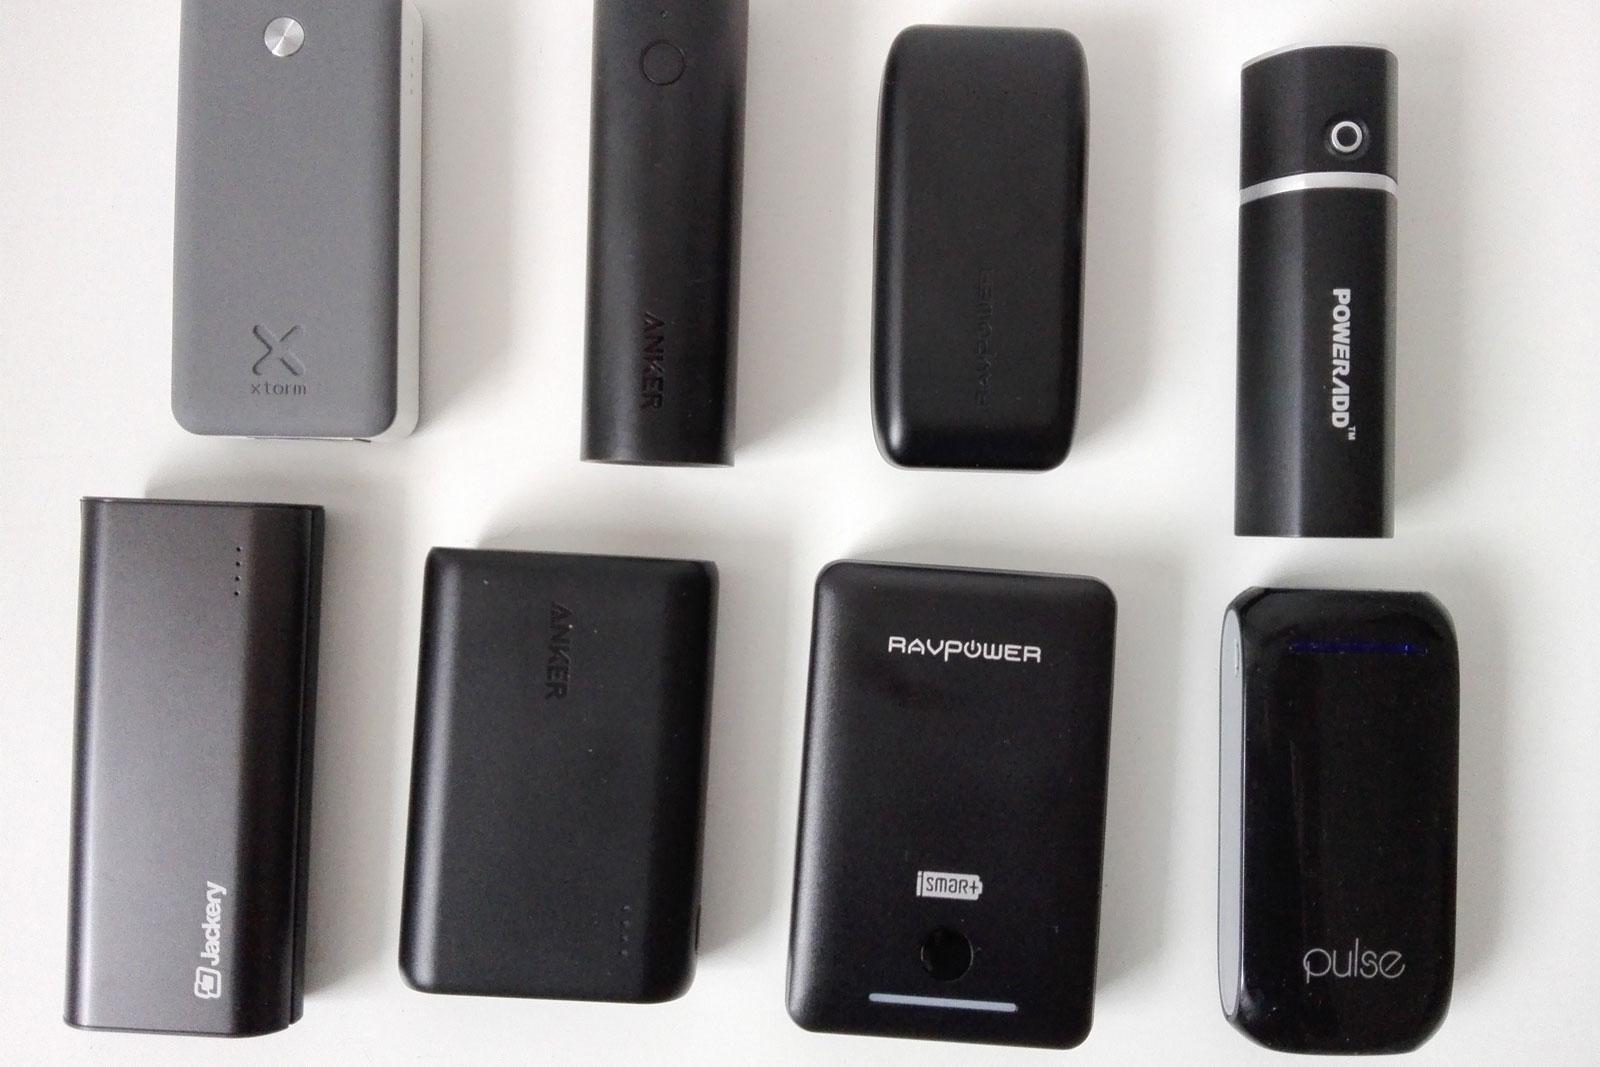 beste powerbank voor smartphone 2019